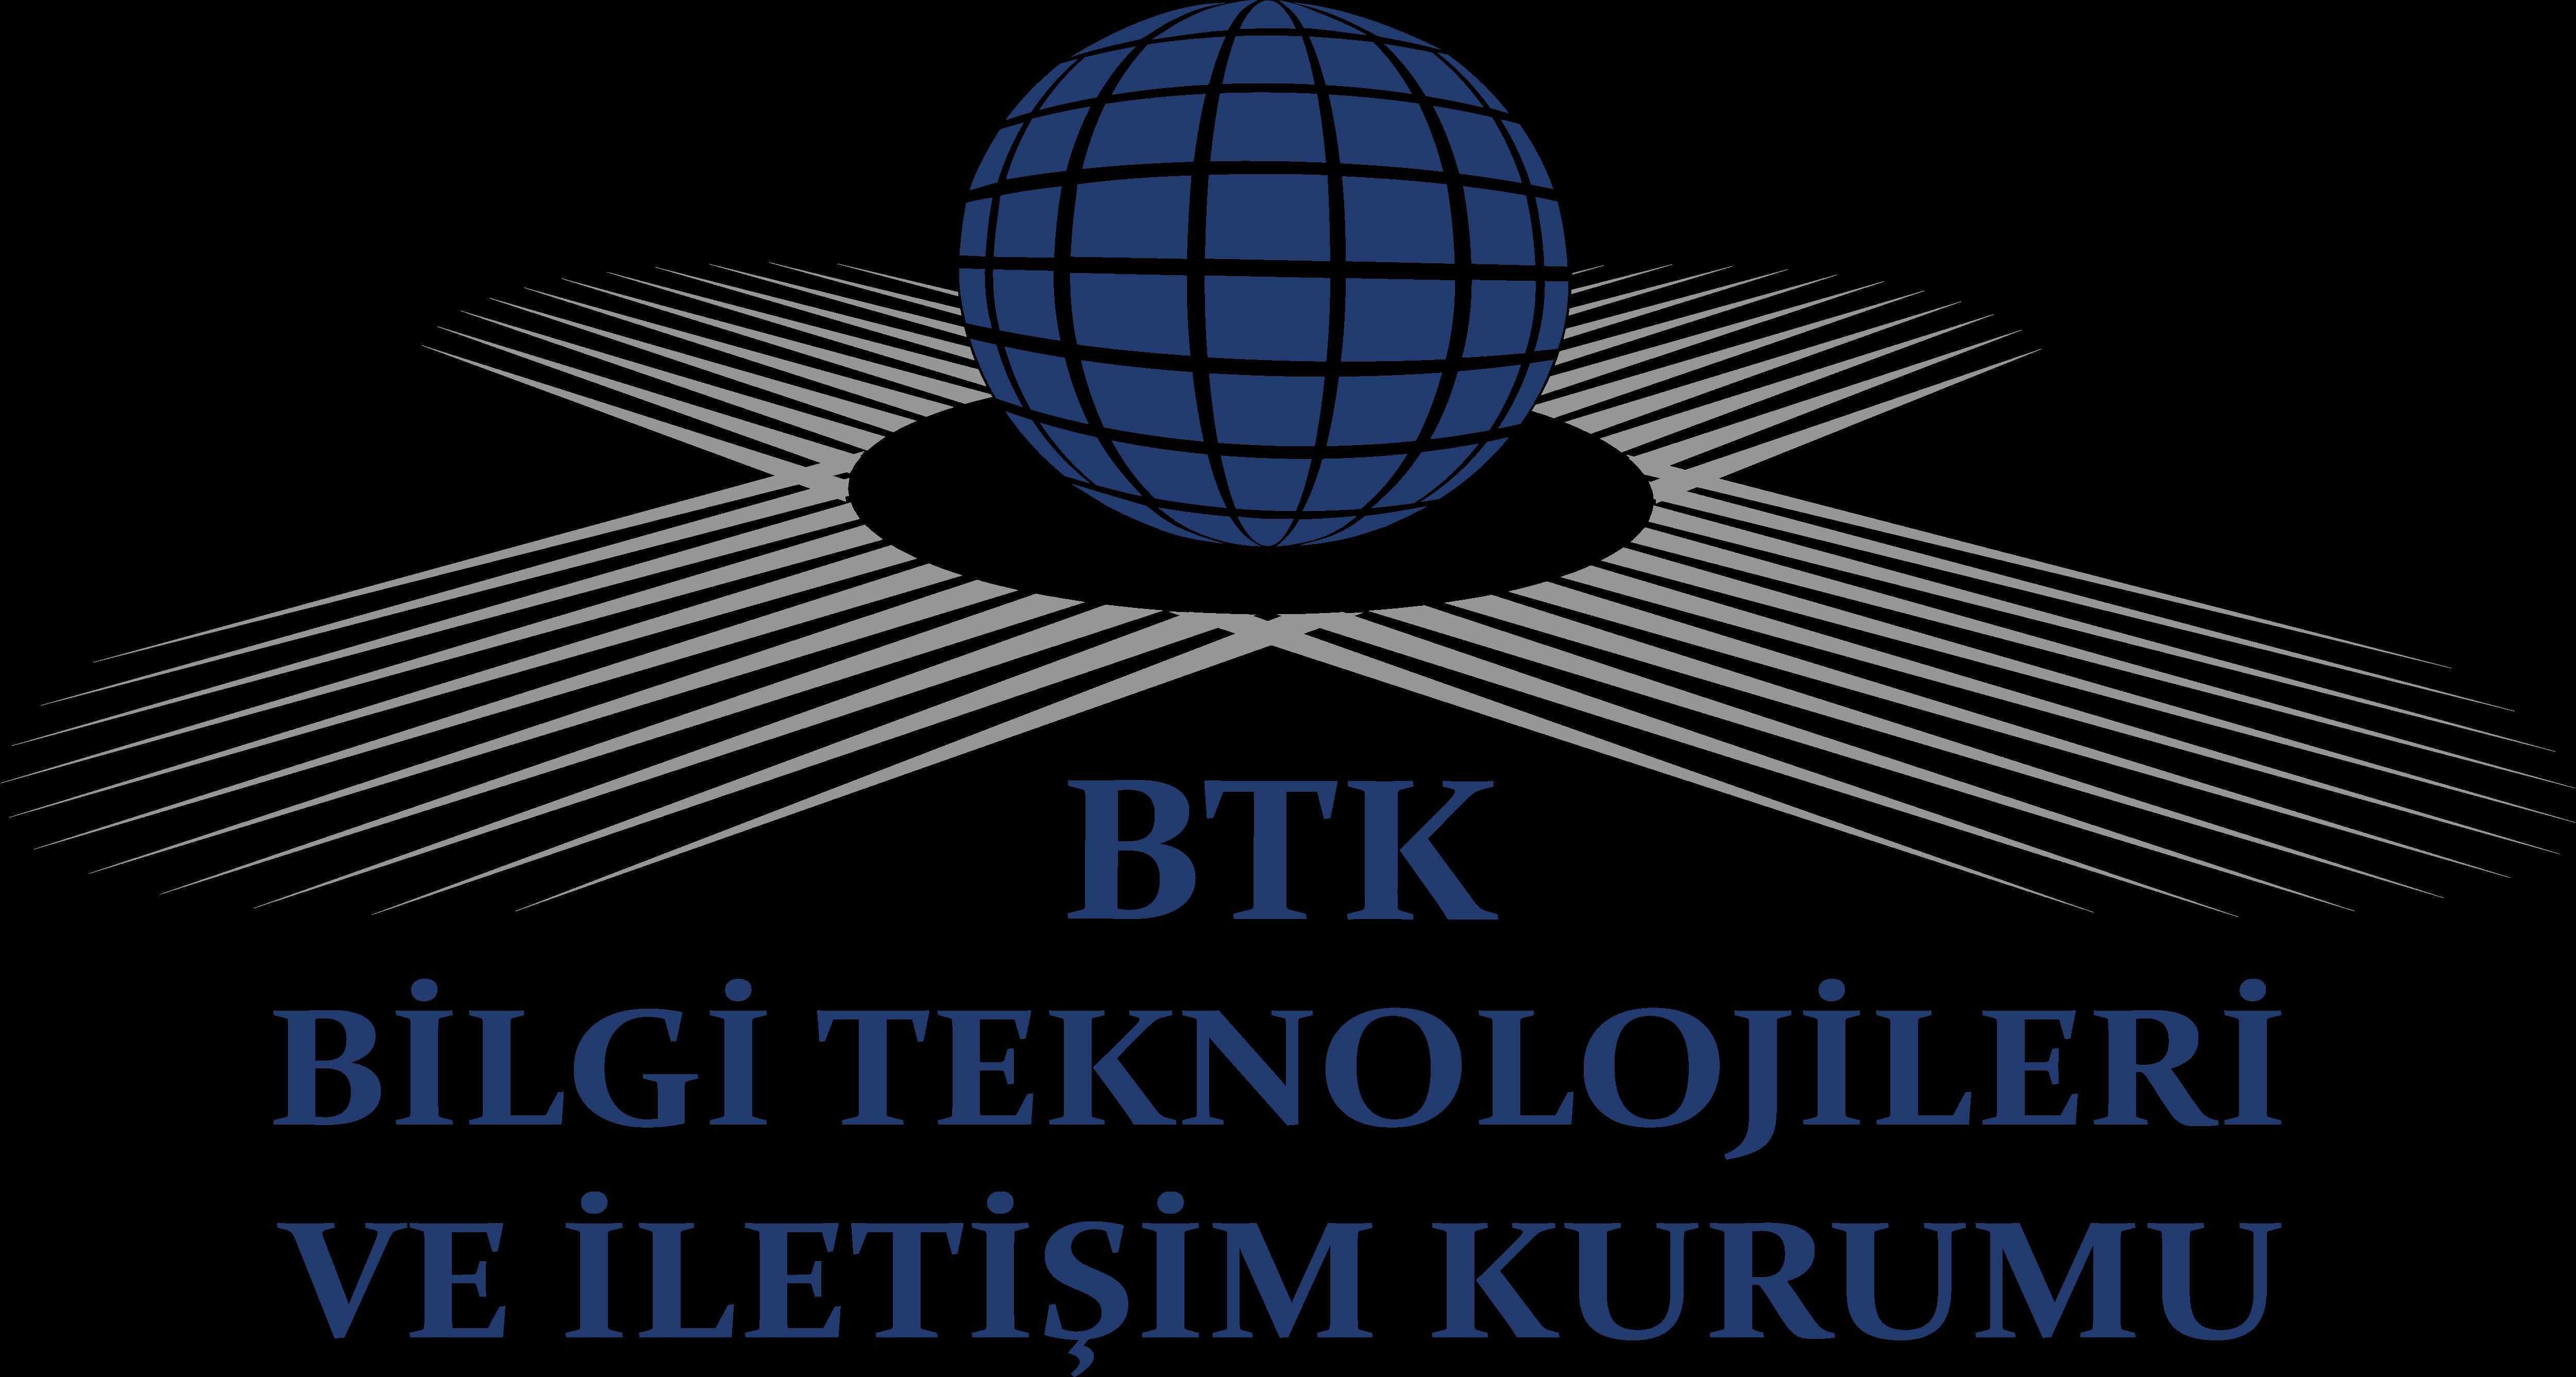 BTK Logo Bilgi Teknolojileri ve İletişim Kurumu